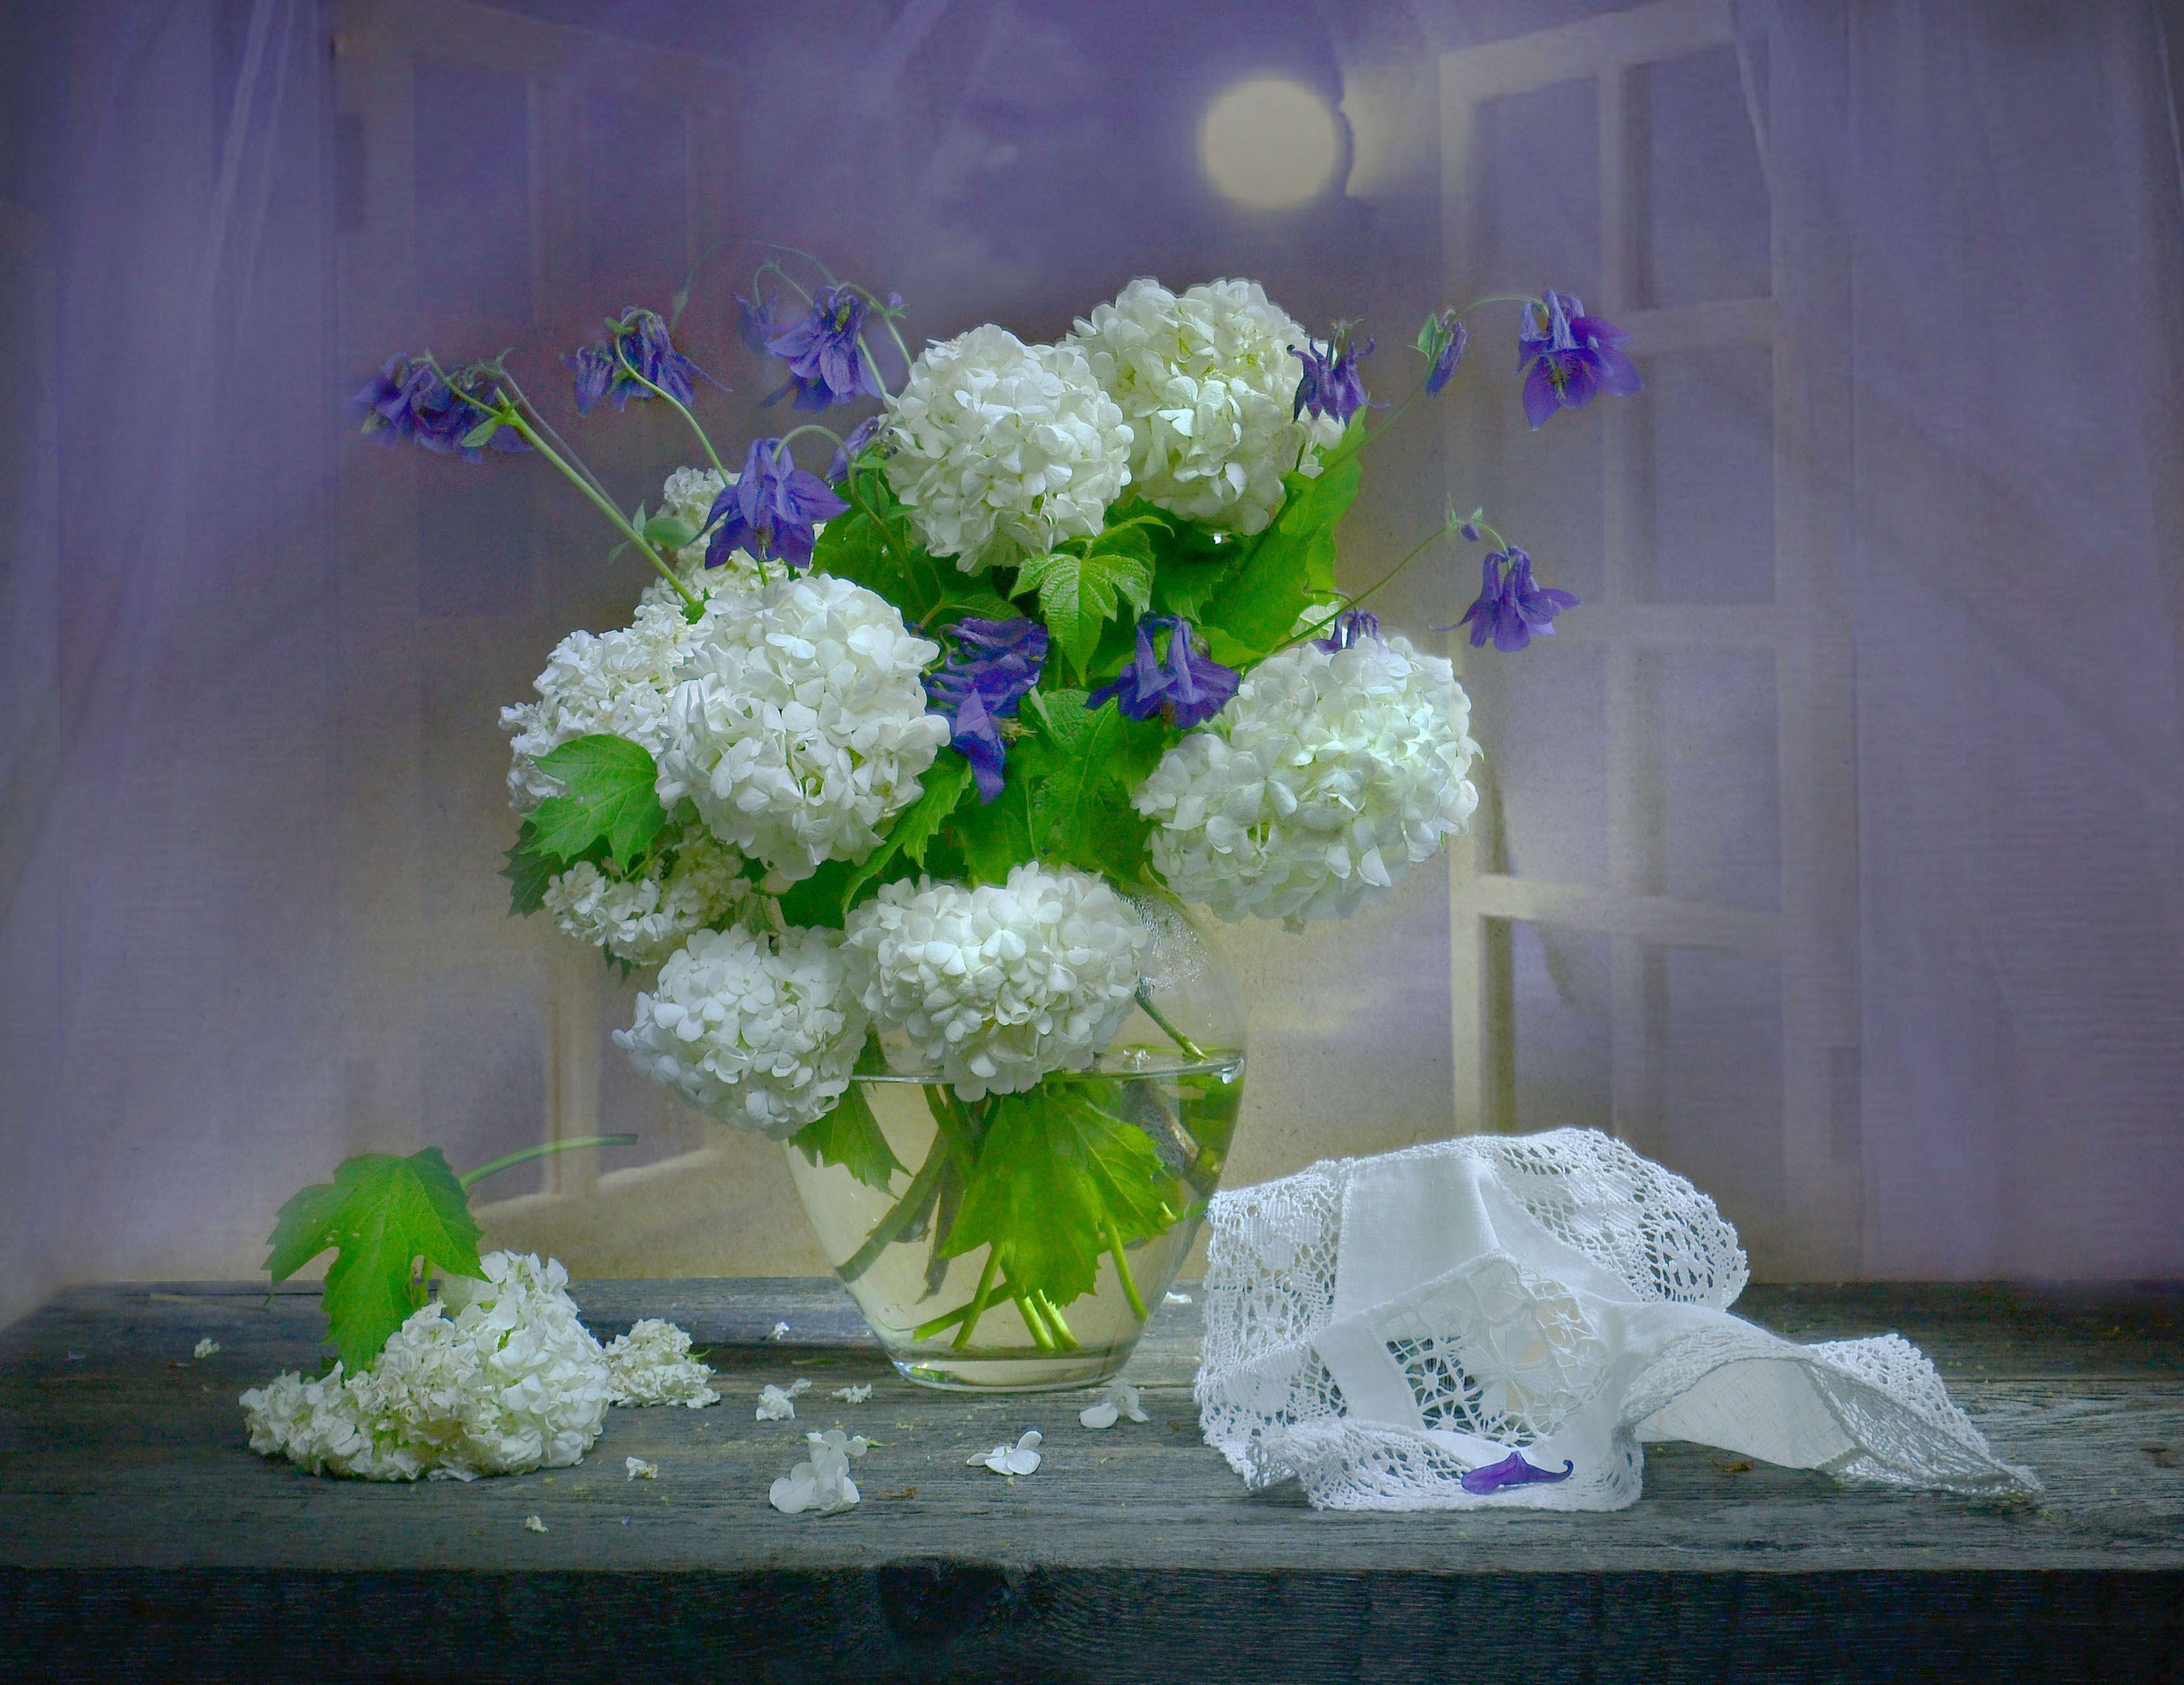 still life, натюрморт,  белая ночь, исход июня, июньский, калина, лето, сон в летнюю ночь, стихи, фото натюрморт, цветы, Колова Валентина